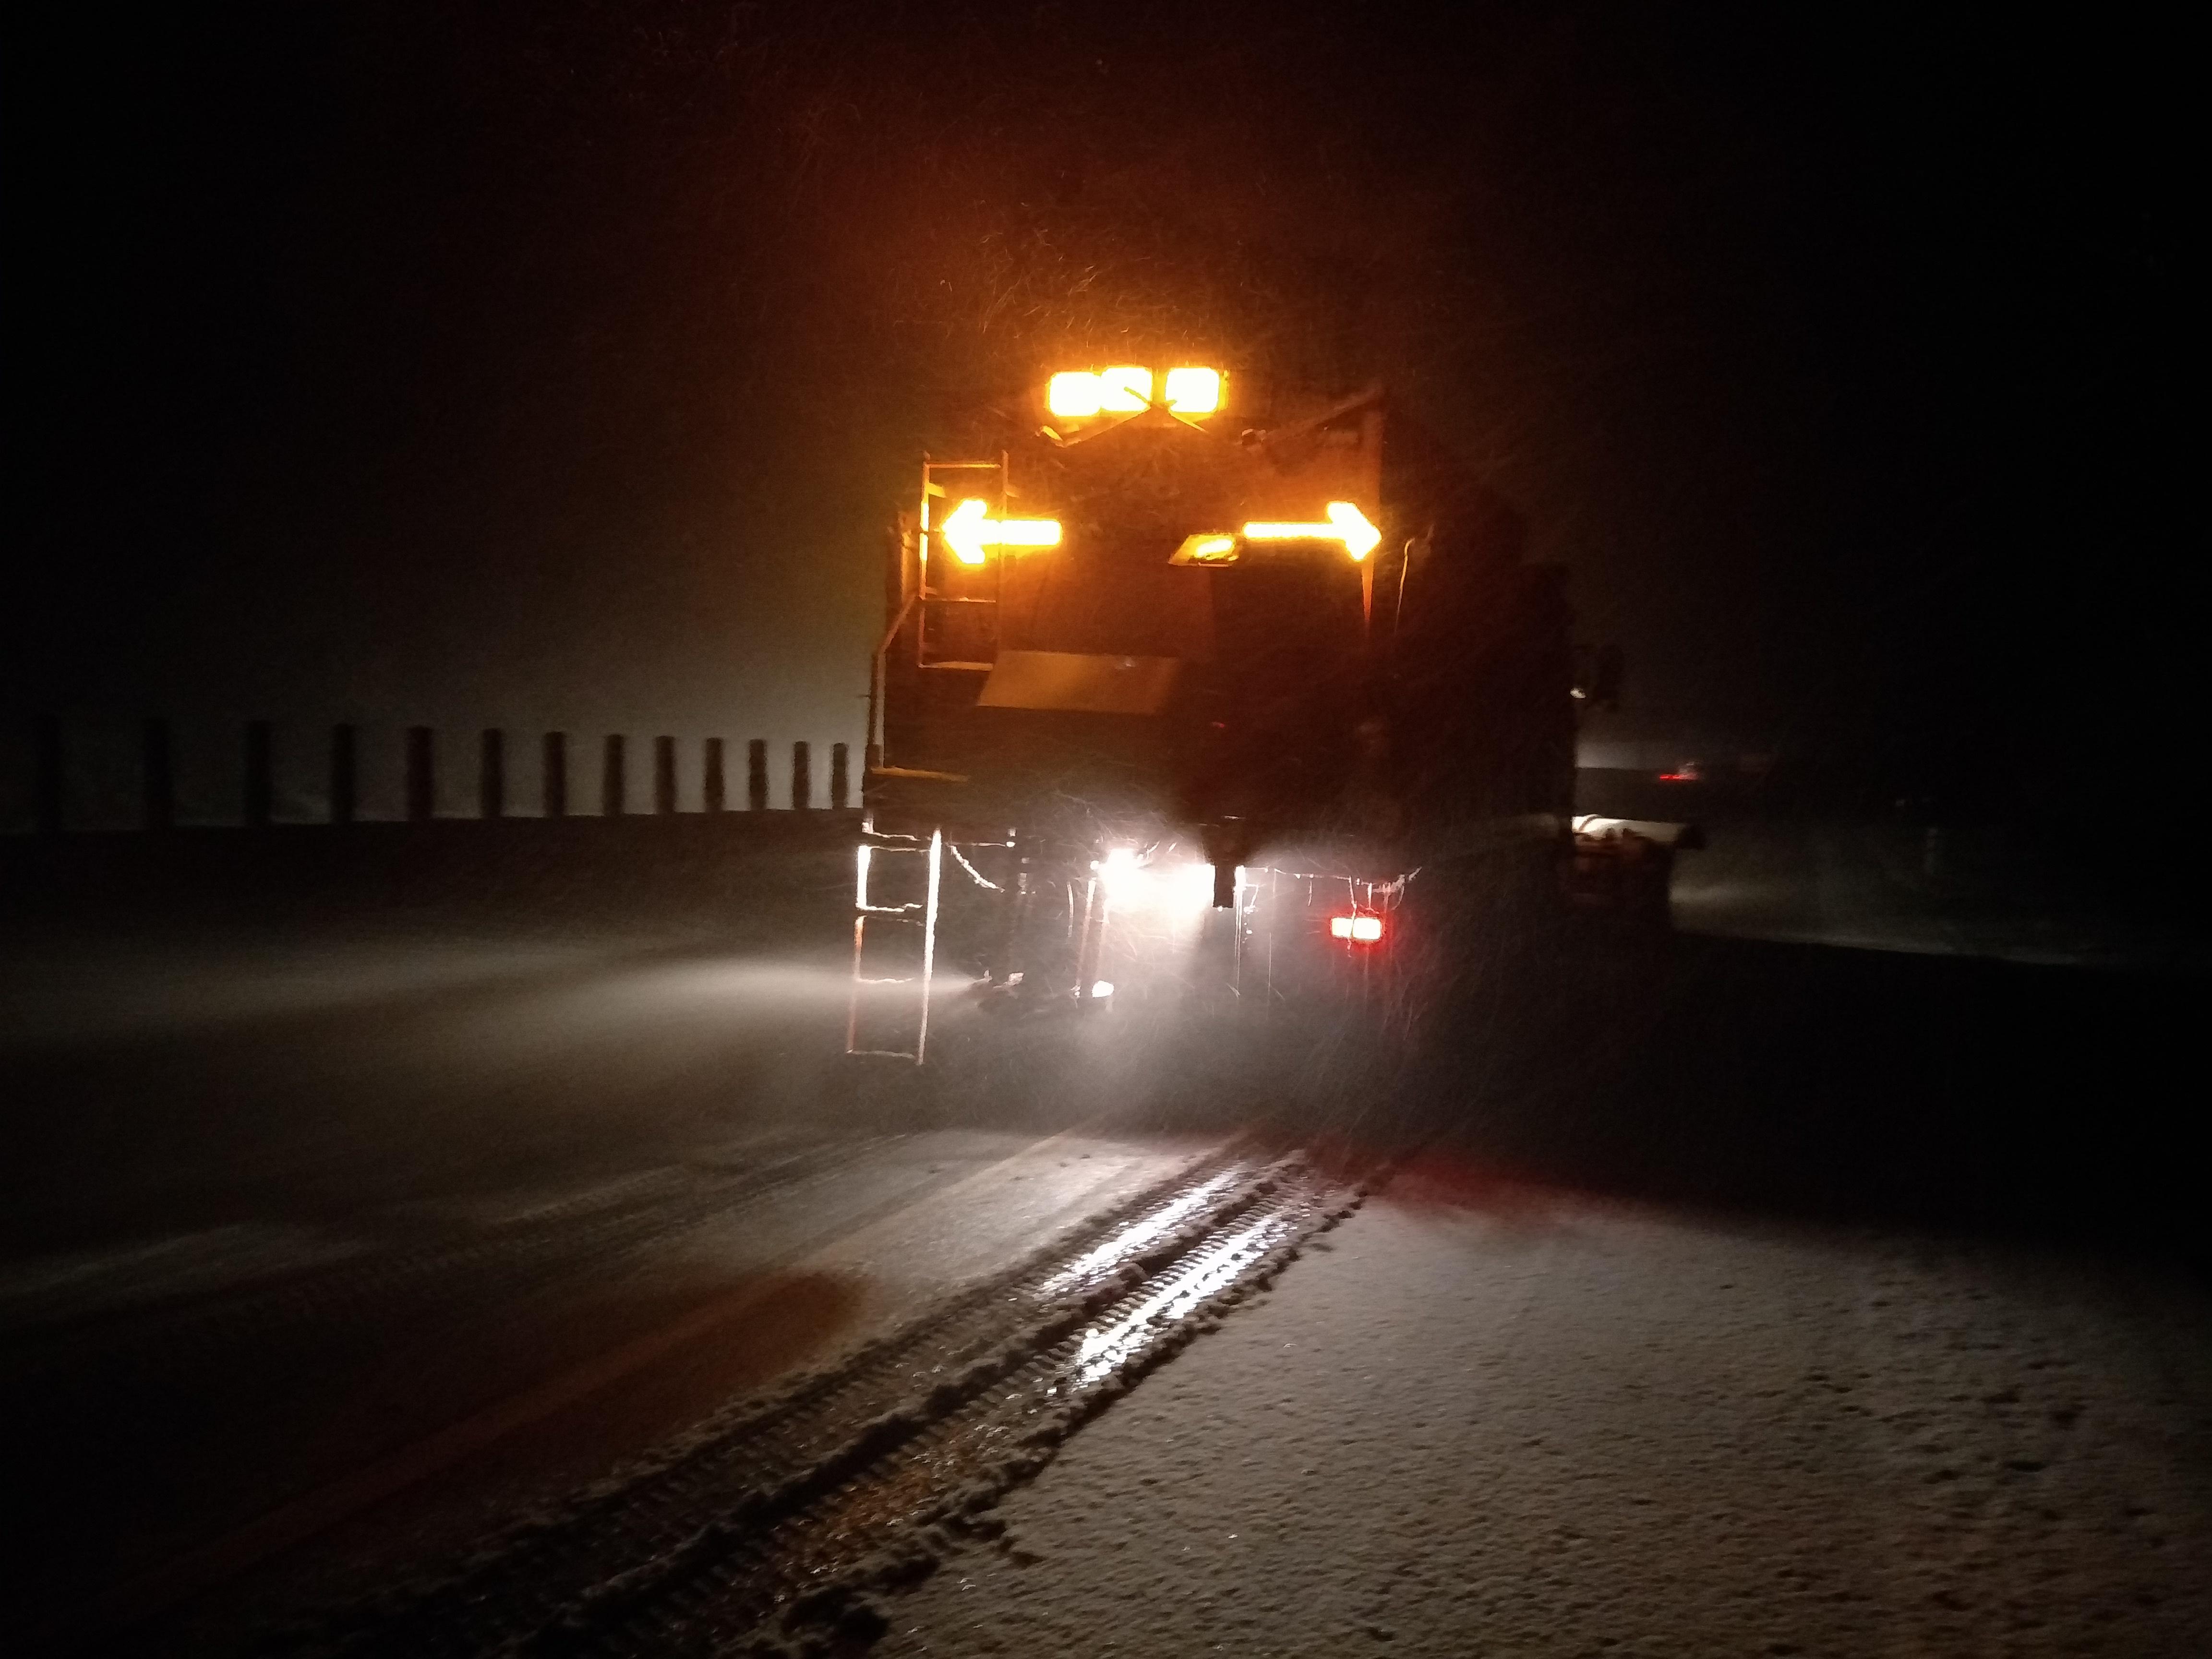 郑州绕城高速路面出现积雪,实业公司豫北养护中心侯寨项目部开始全线撒布融雪材料。.jpg